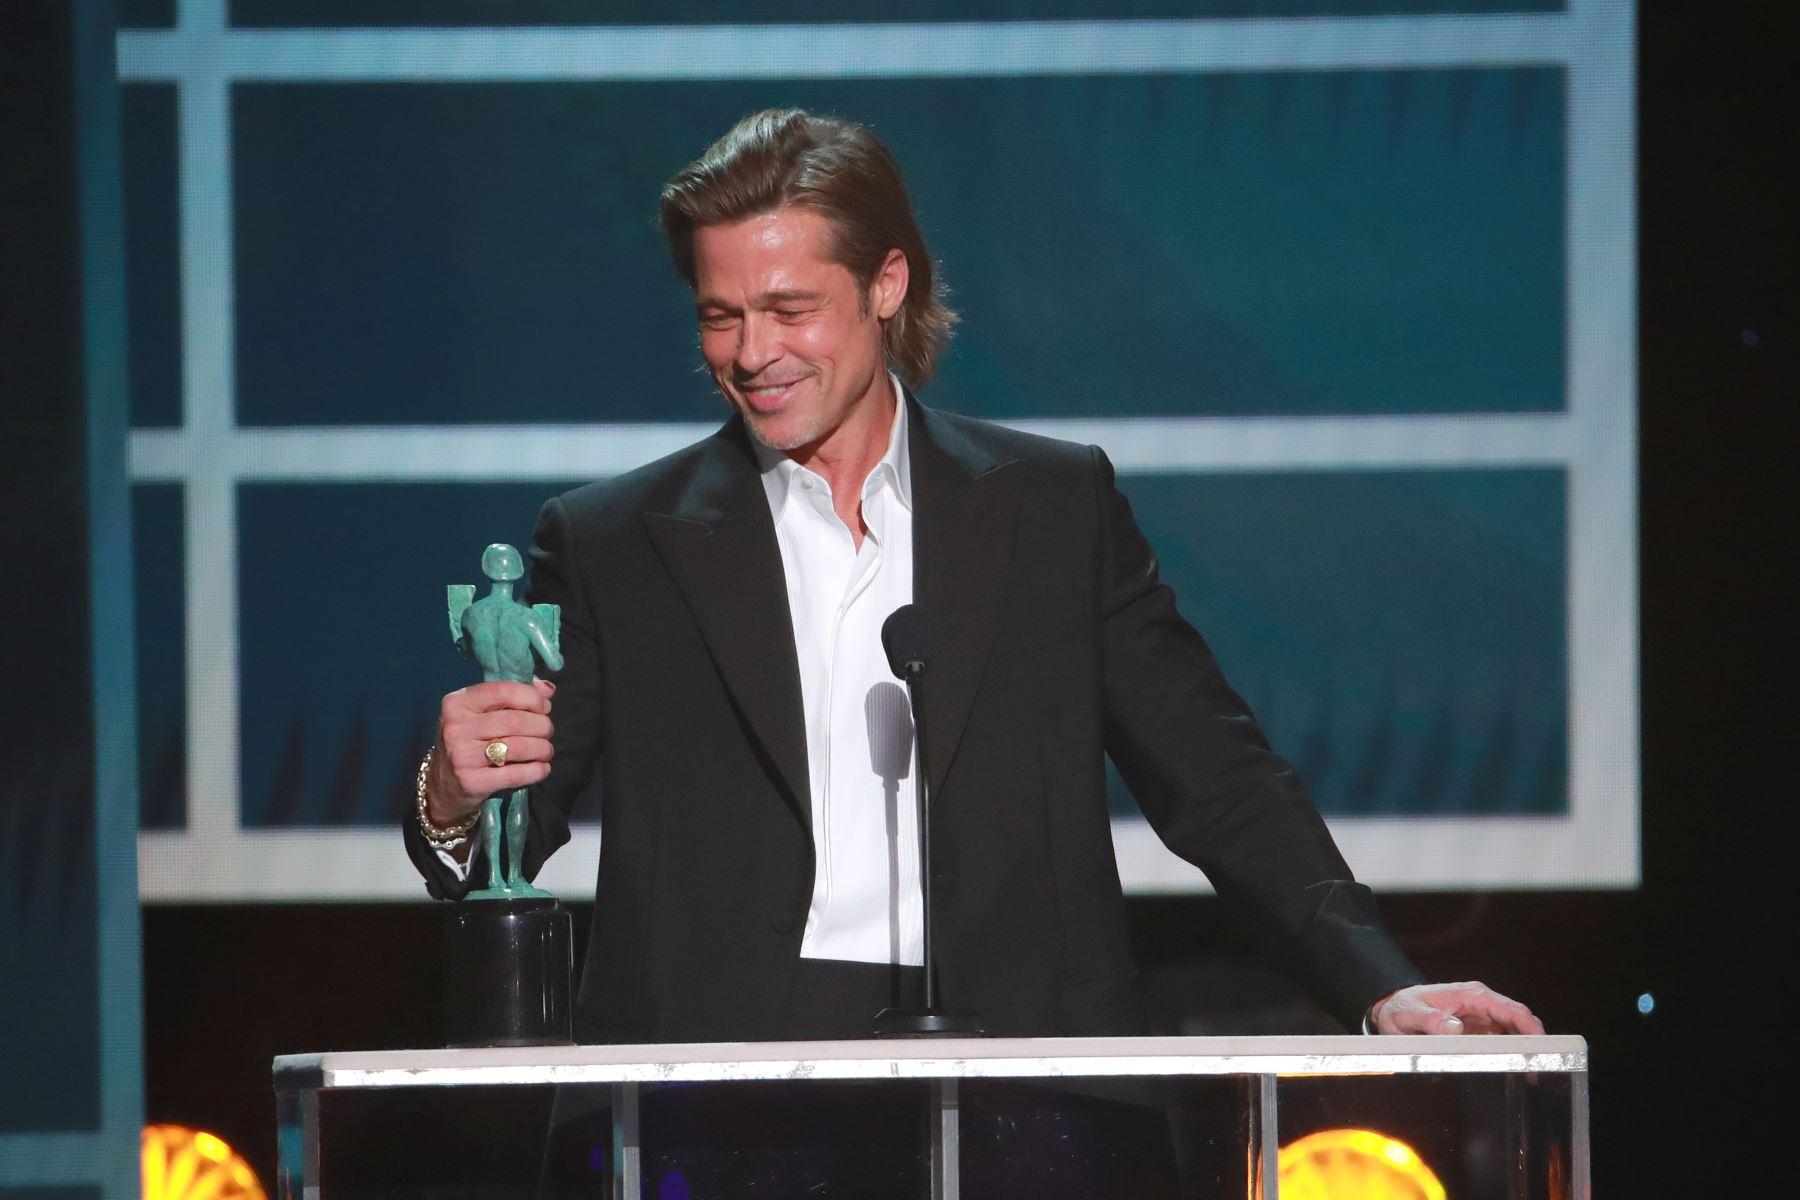 El actor estadounidense Brad Pitt acepta los premios al mejor actor masculino en un papel secundario durante la 26ª entrega anual de los premios Screen Actors Guild Awards en el Shrine Auditorium de Los Ángeles. AFP